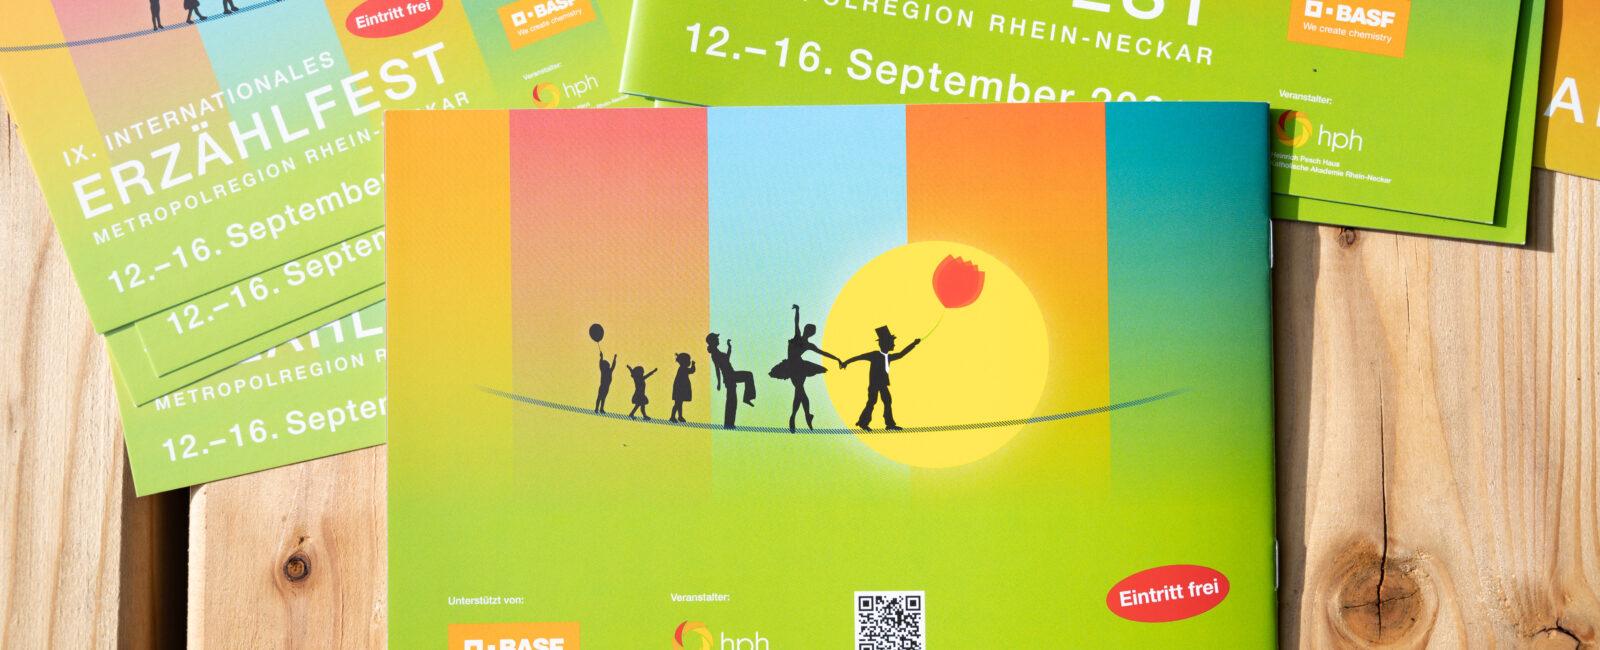 Grüner Flyer Erzählfest mit Silhouetten, die auf einem Seil tanzen